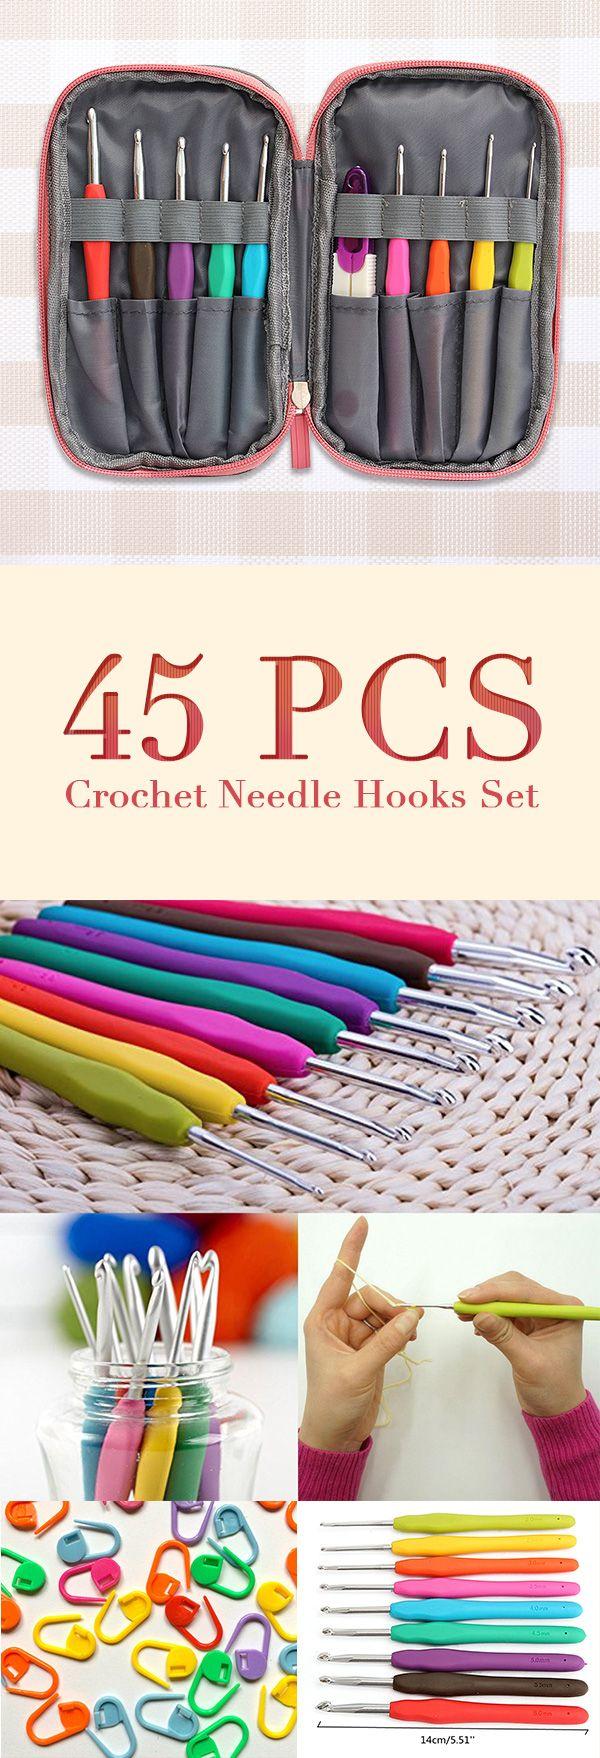 45 Pcs Crochet Needle Hooks Set Organiser Case Accessories Tapestry Craft Knitting Kit Crochet Needle Hooks Crochet Needles Crochet